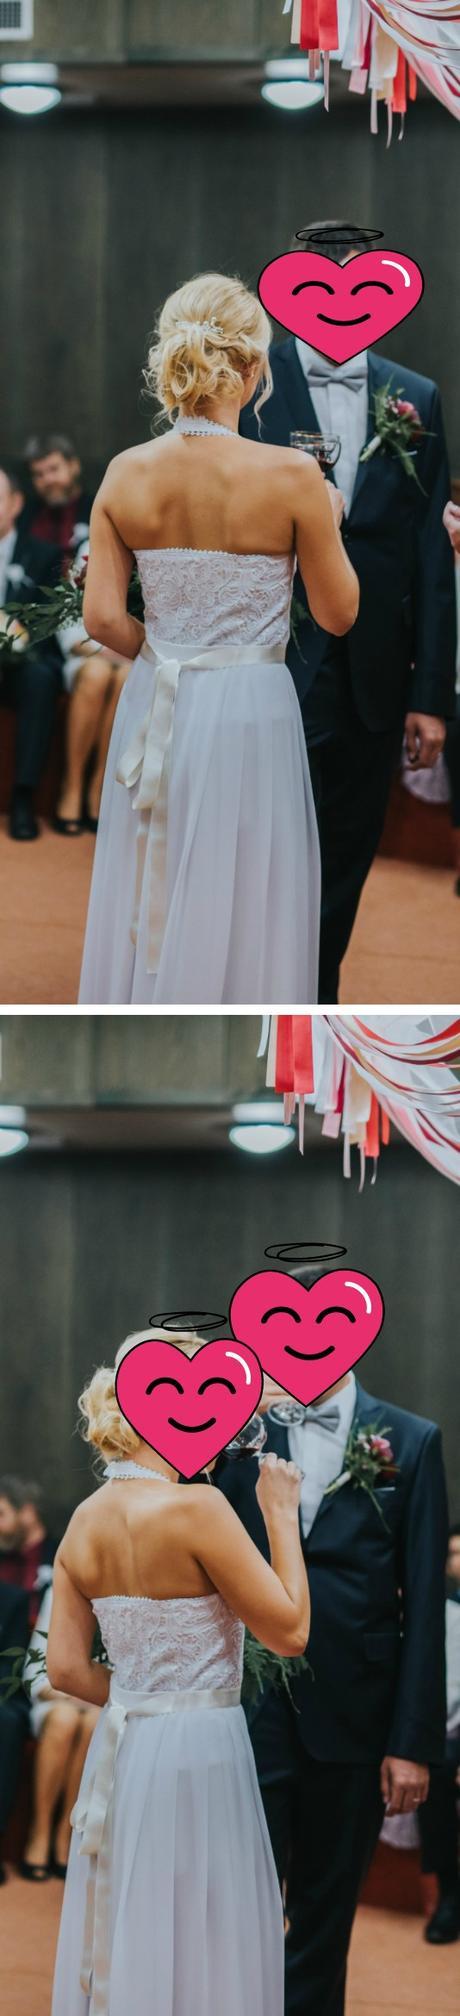 Muselinove svadobne saty s cipkovym topom - Obrázok č. 3